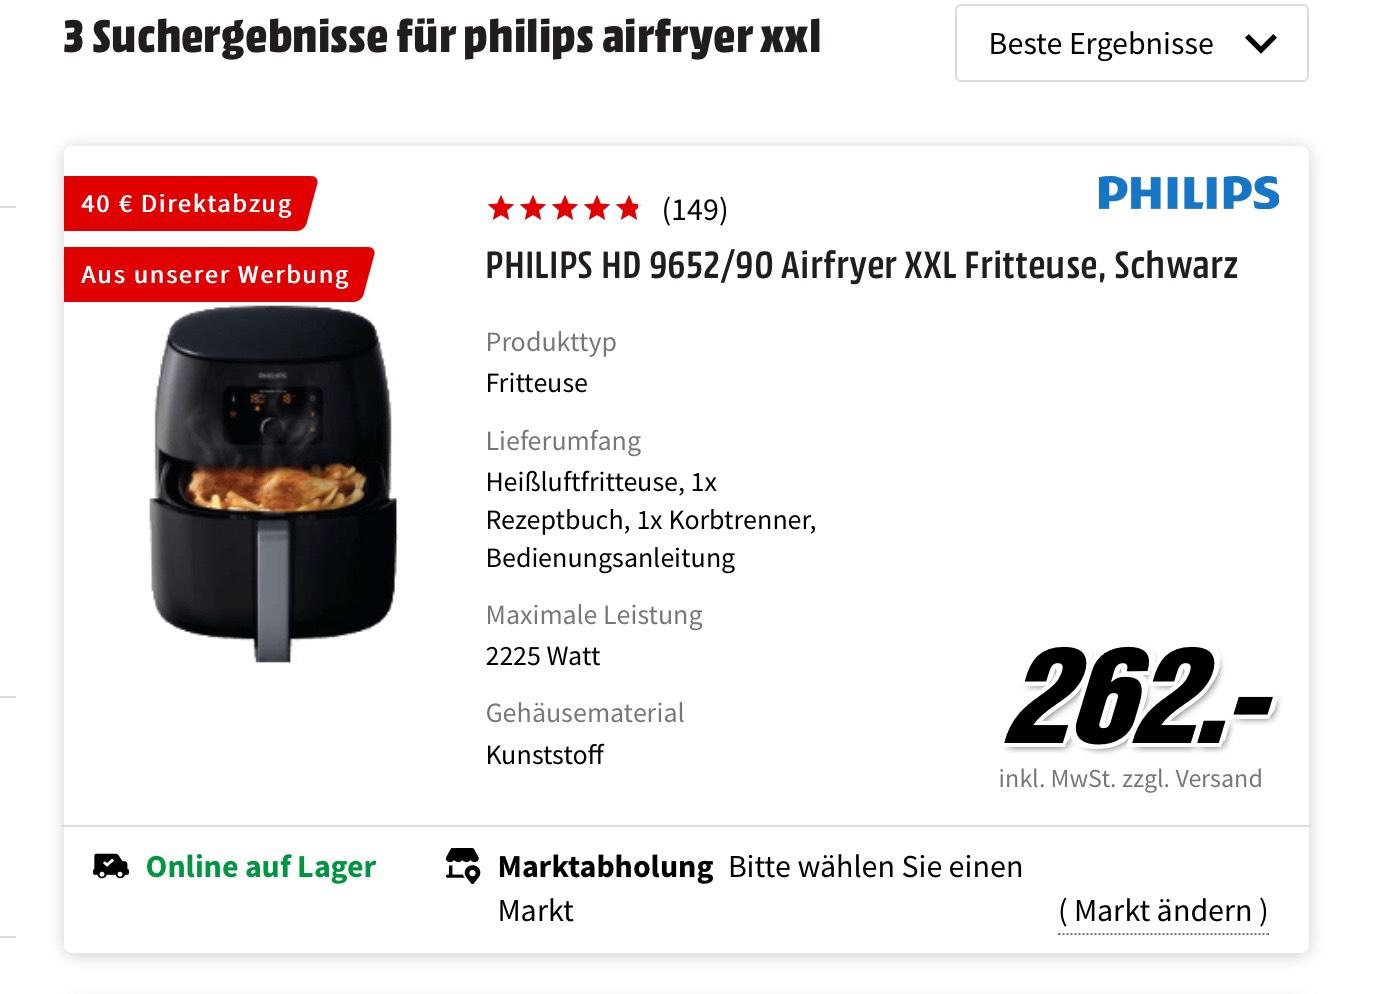 Philips HD9652/90 Airfryer XXL